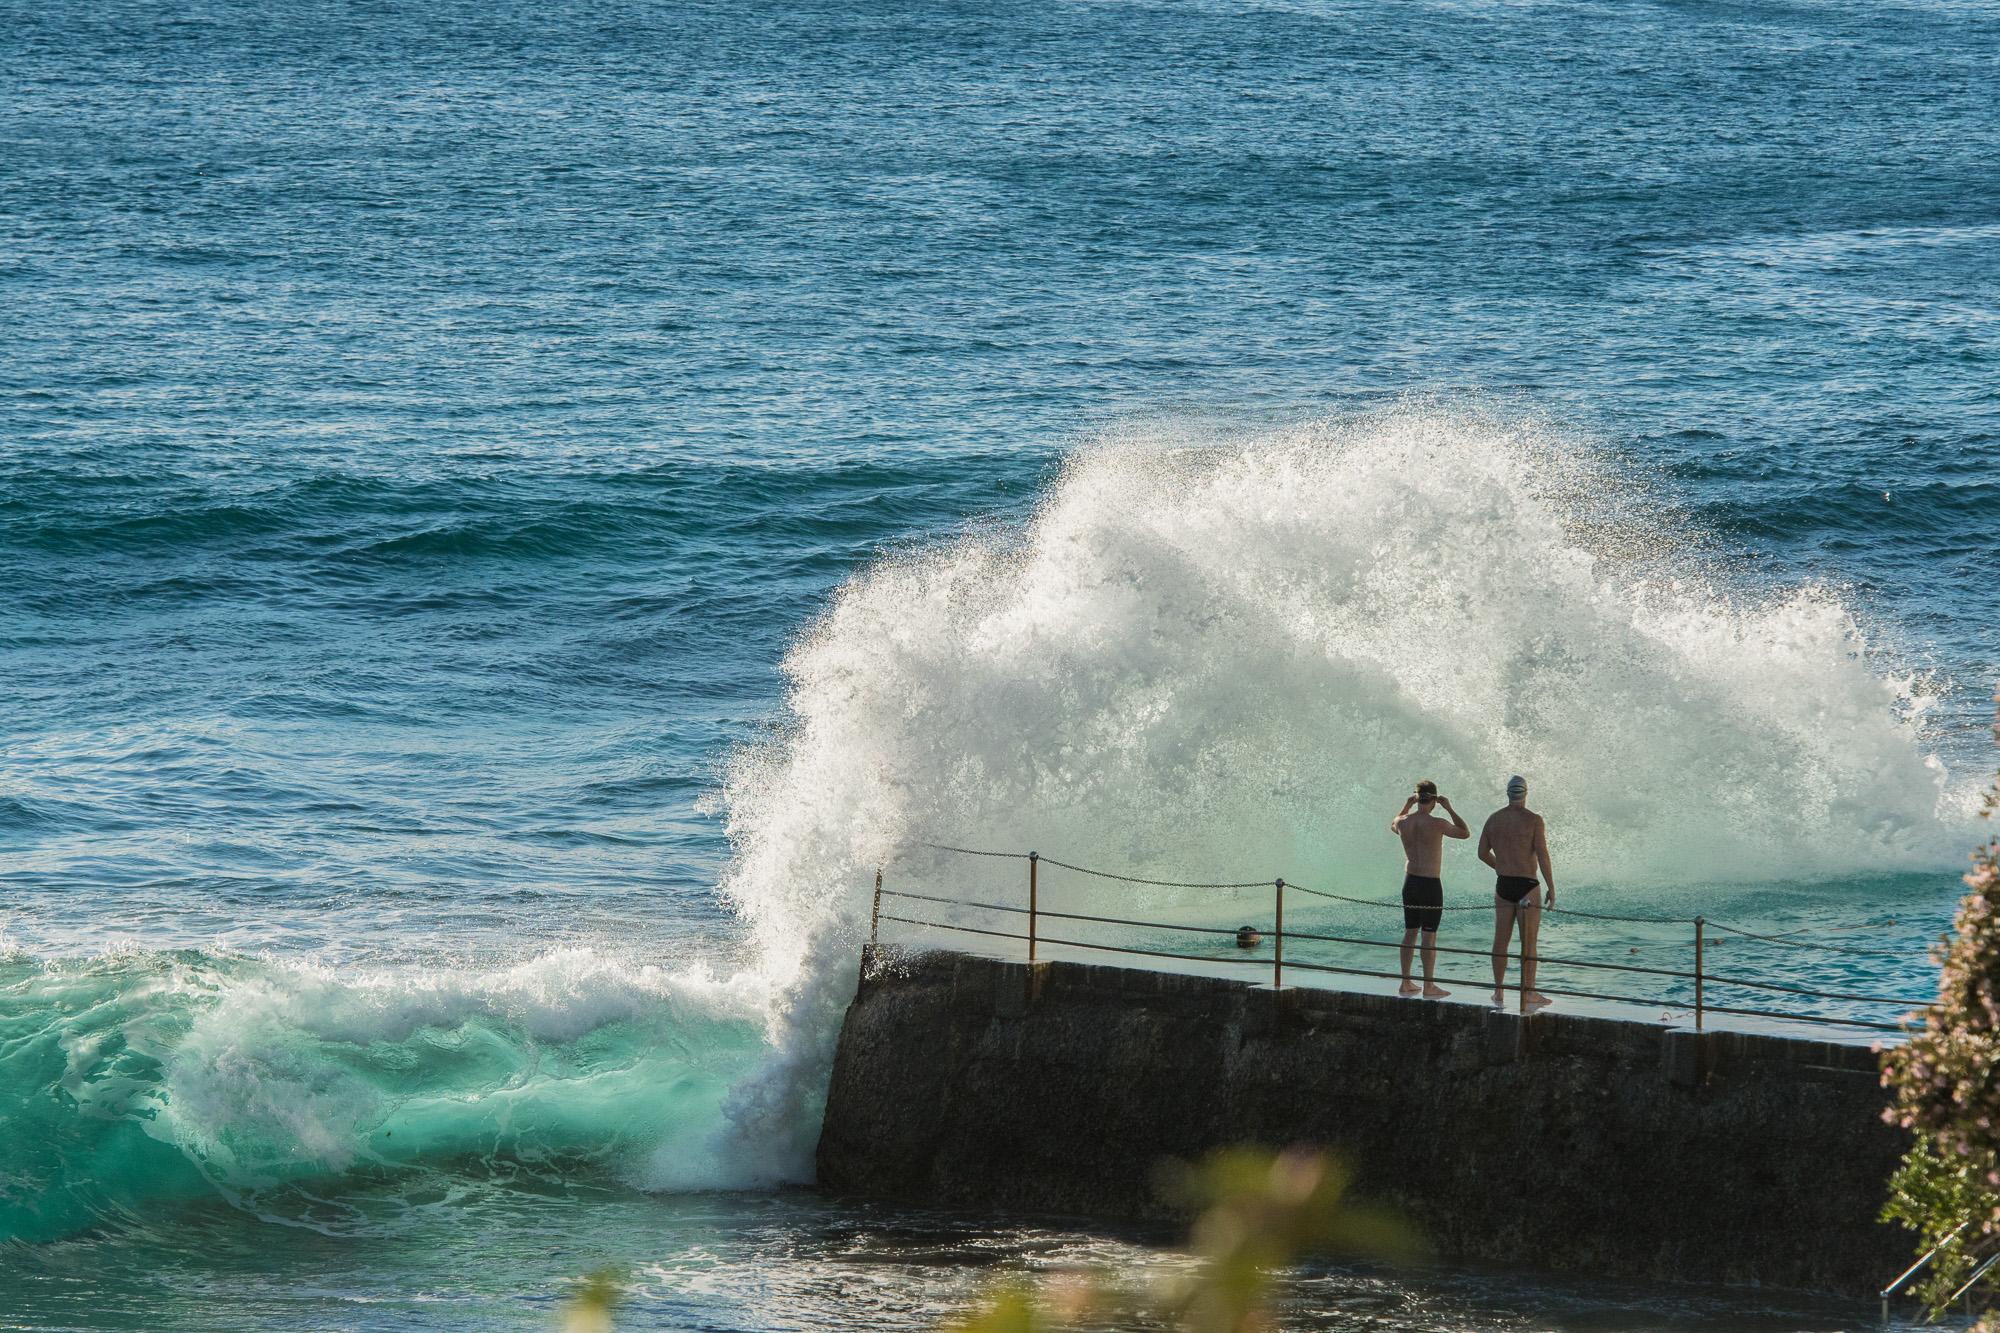 High Tide Hazards